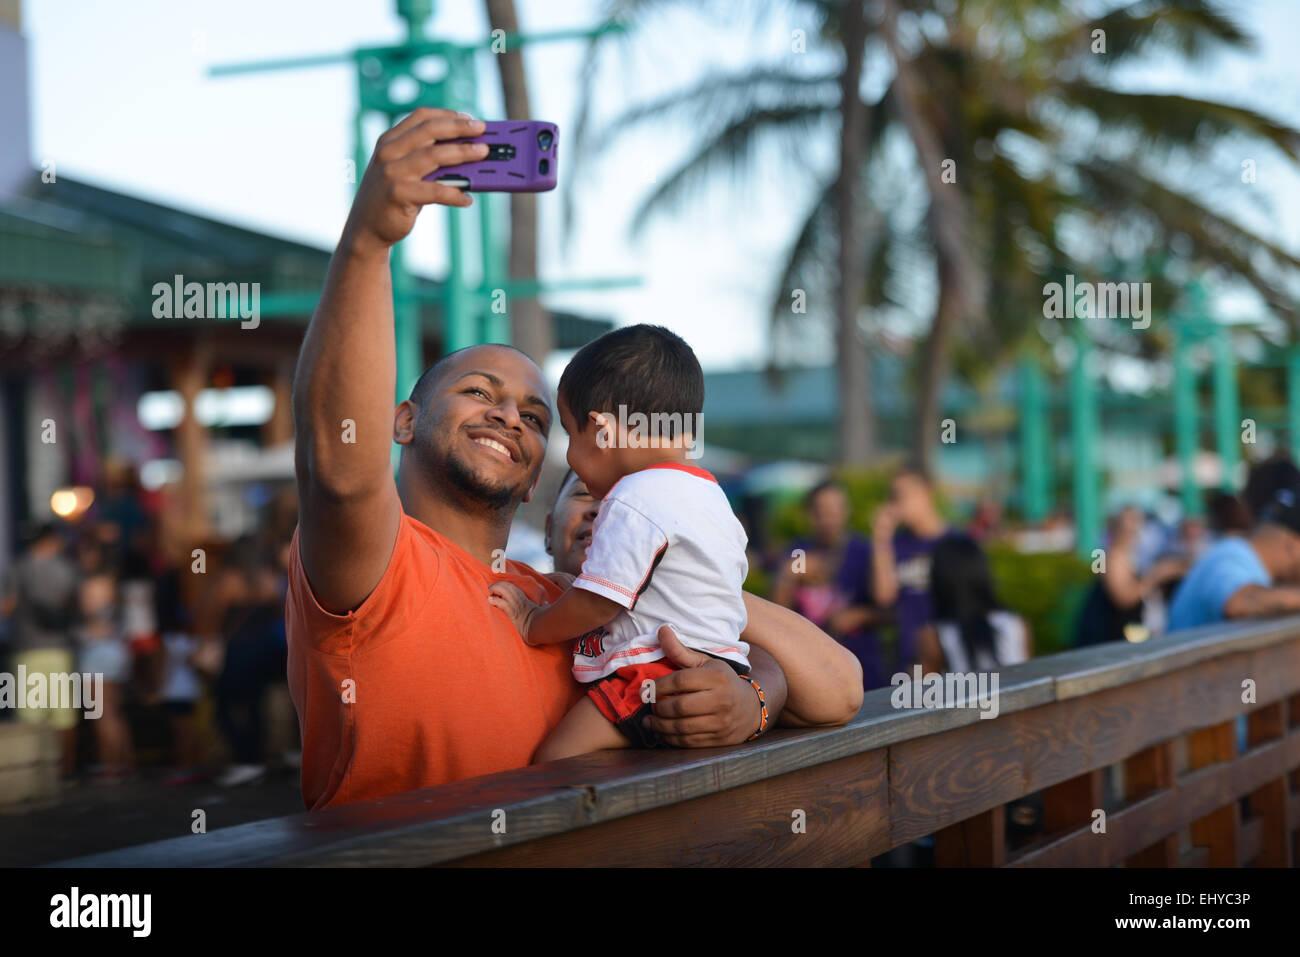 Famiglia selfie. Padre madre e figlio a La Guancha. Ponce, Puerto Rico. Territorio statunitense. Isola dei caraibi. Immagini Stock